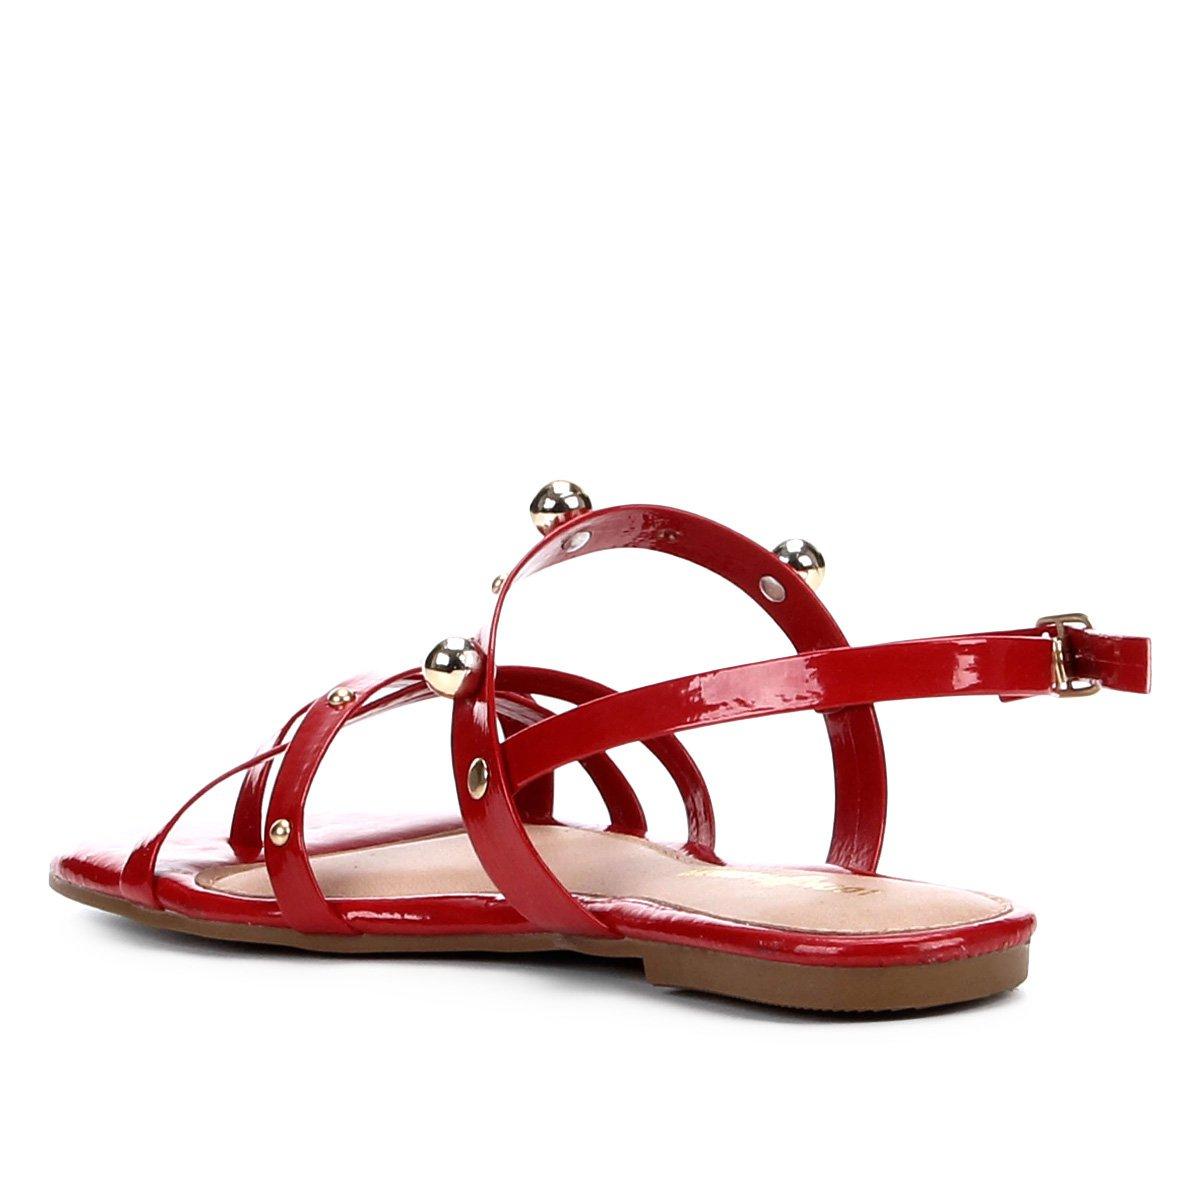 Rasteira Look Tiras Bolas Look Rasteira Multi Vermelho Fashion dzwrwqX